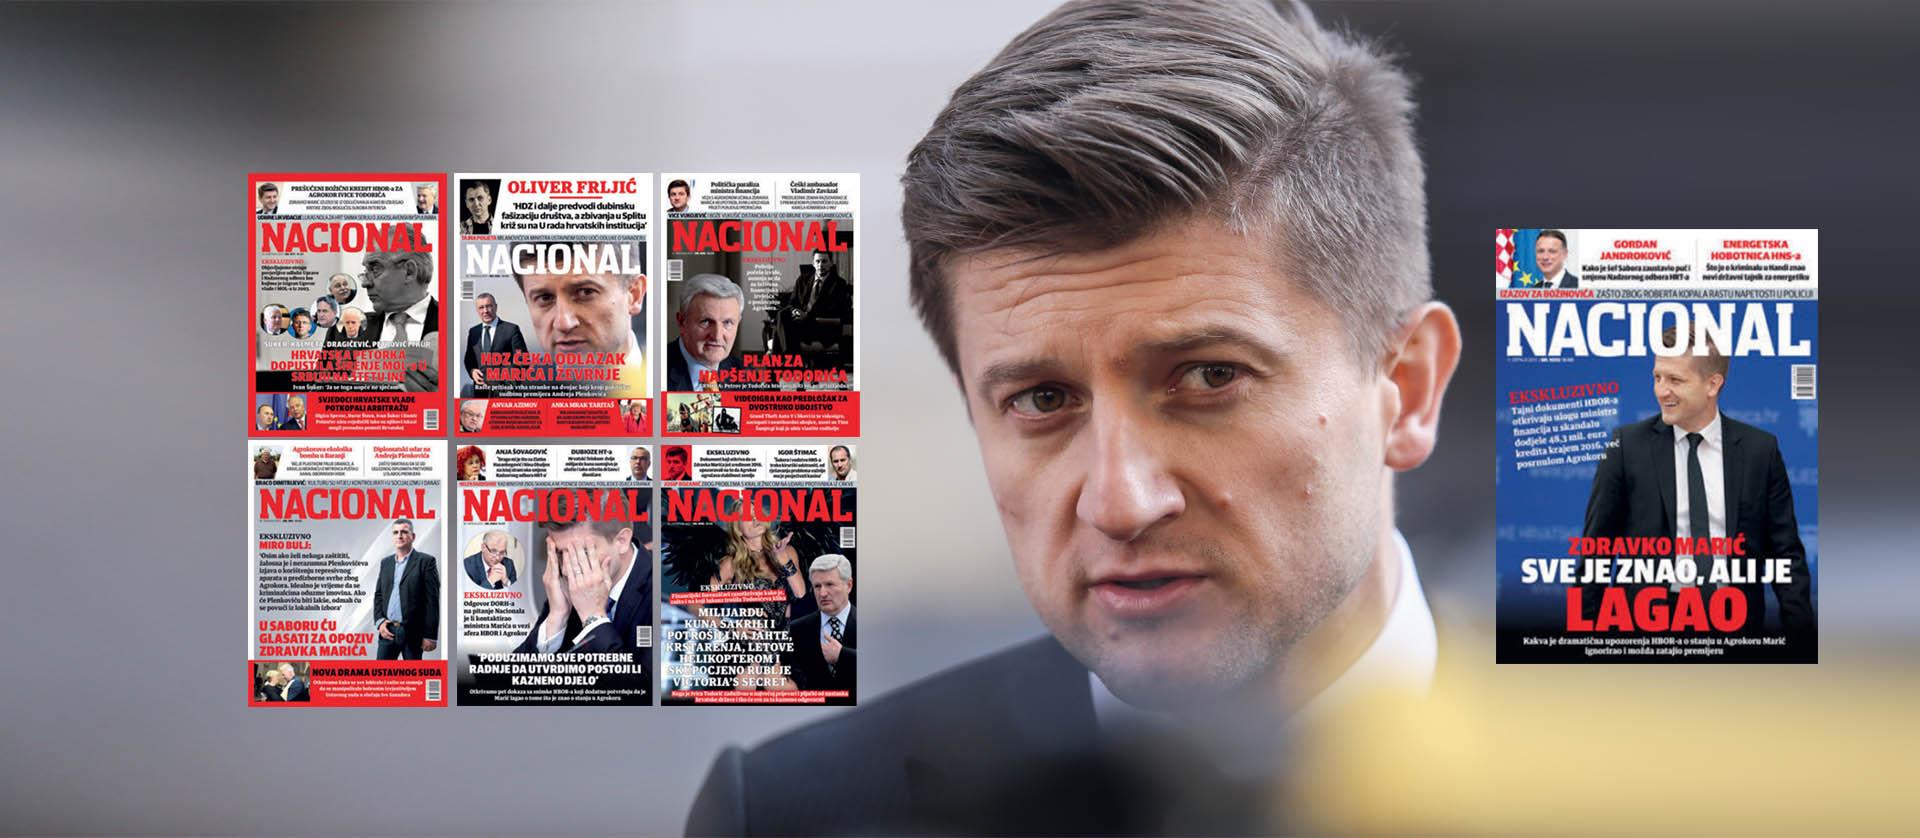 MARIĆ ODLAZI Za Plenkovića nije više pitanje treba li ministar financija odstupiti, nego kako će se to izvesti